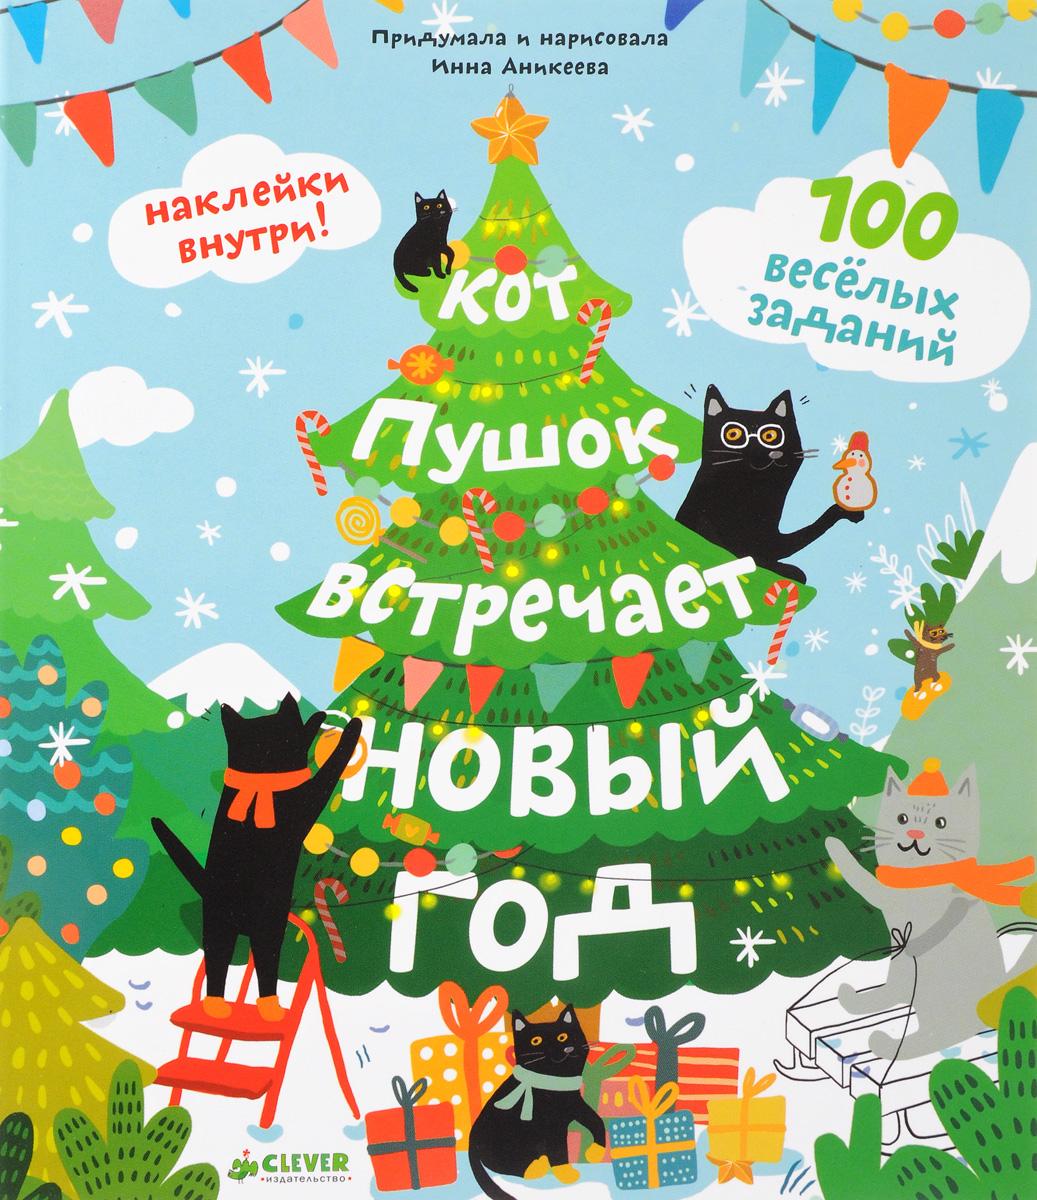 Инна Аникеева Кот Пушок встречает Новый год. 100 веселых заданий (+ наклейки)